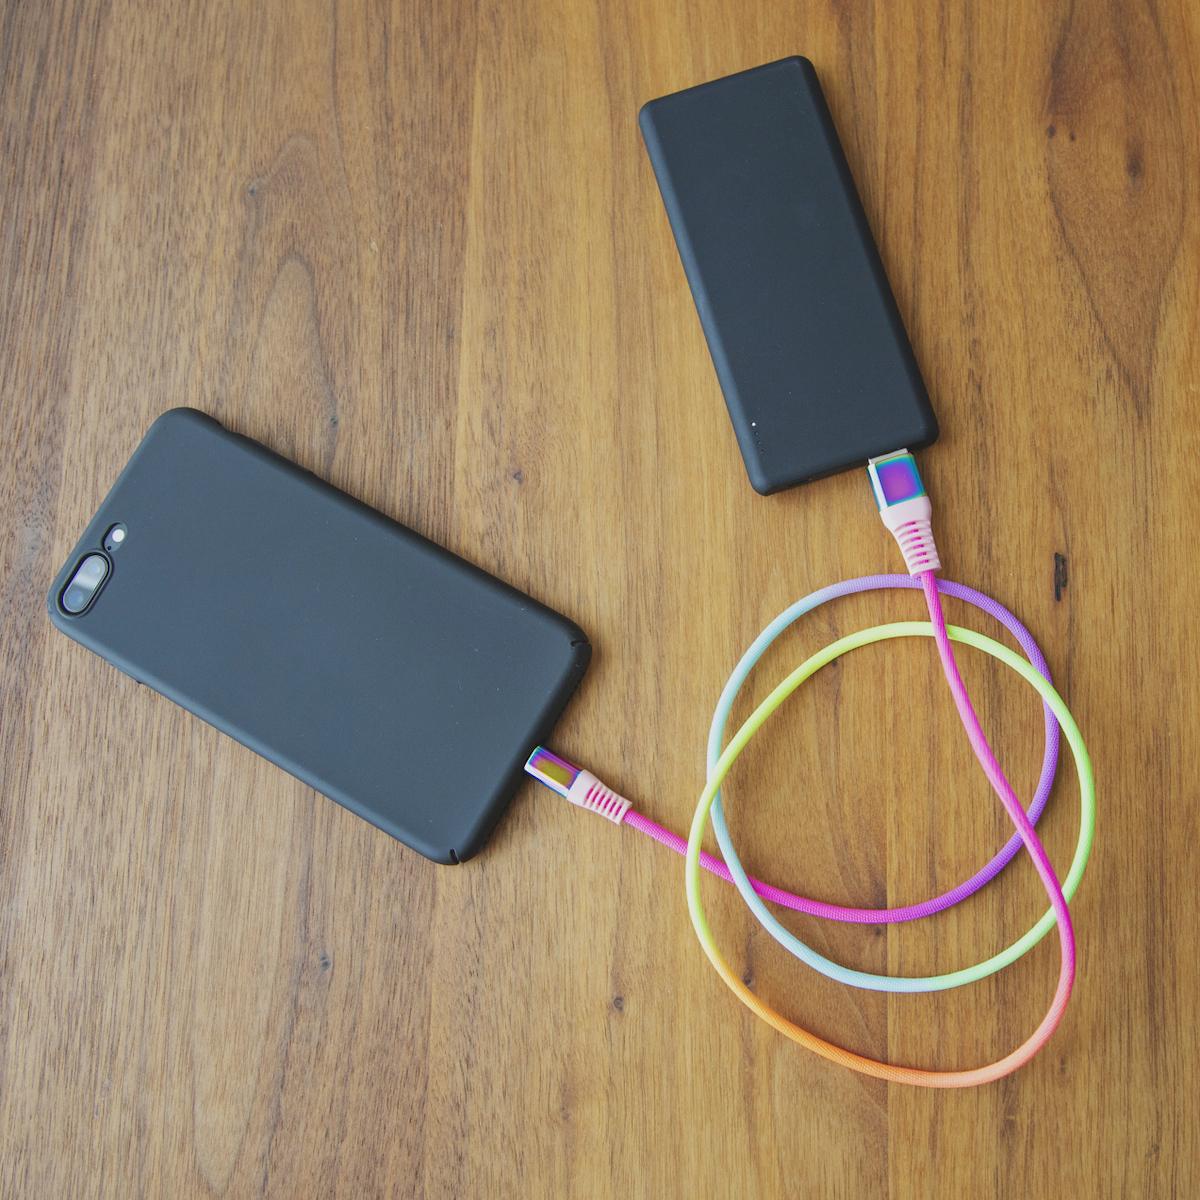 高速出力で、素早く充電できる。断線しにくく丈夫、ひと目でわかる存在感の「Lightning USBケーブル」| addip